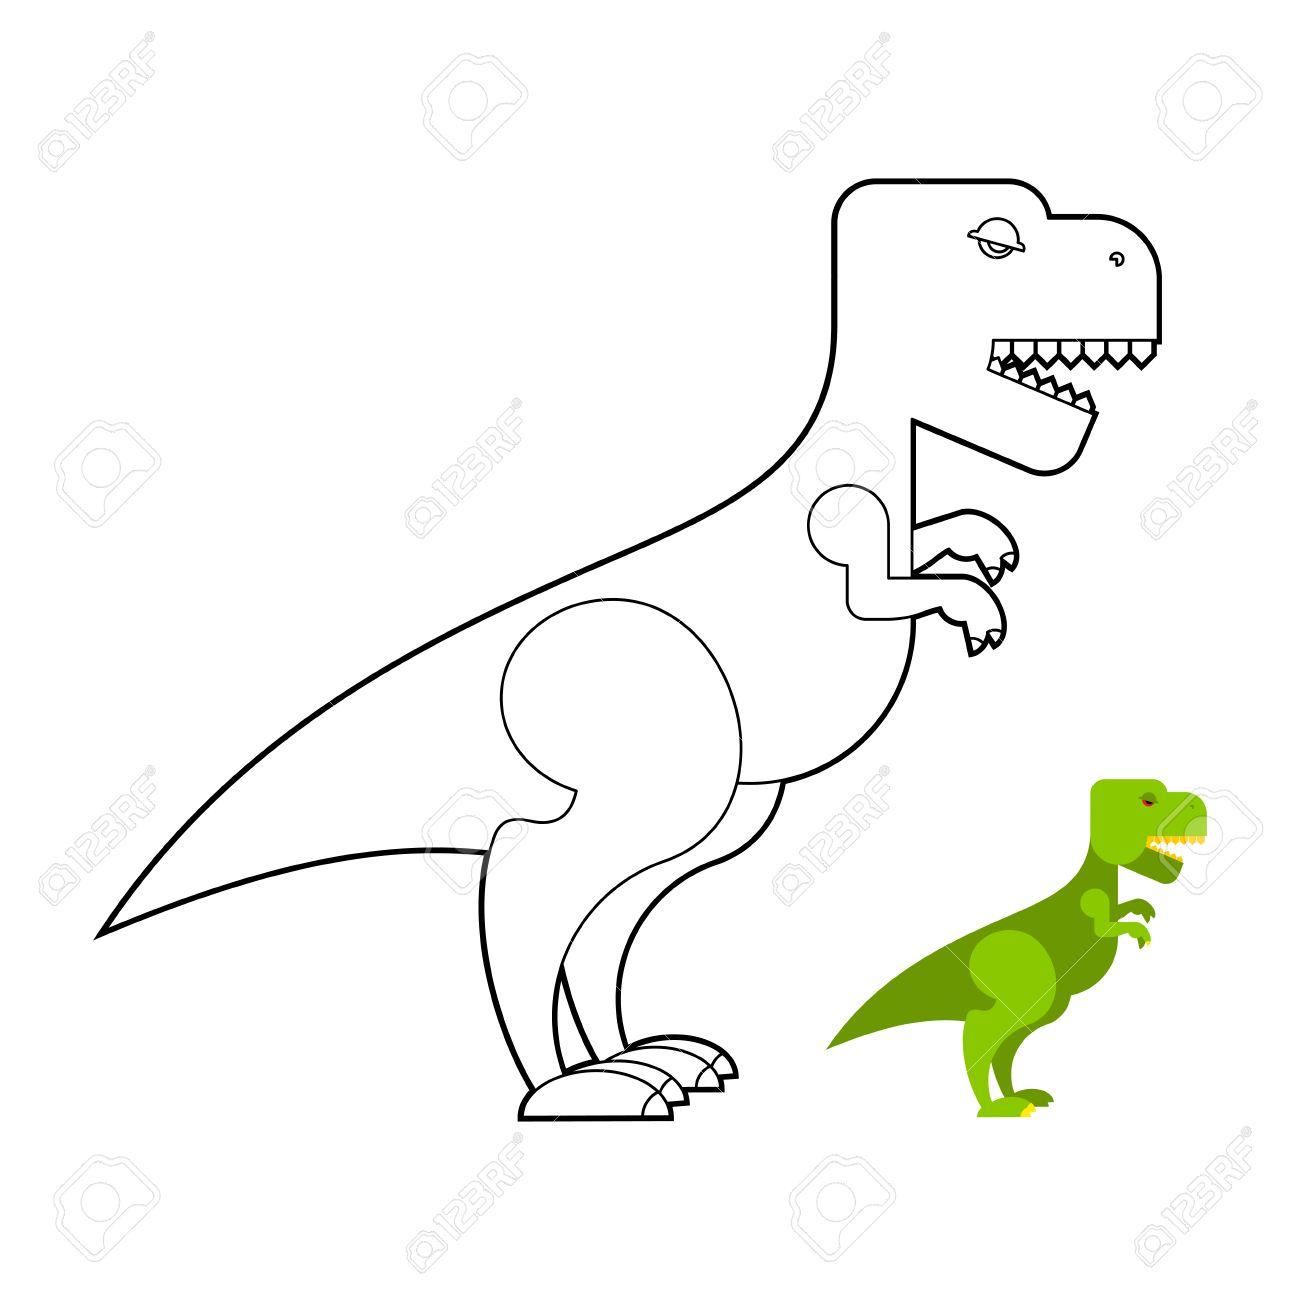 Coloriage Dinosaure Effrayant.T Rex Livre De Coloriage De Dinosaure Grand Tyrannosaurus Effrayant